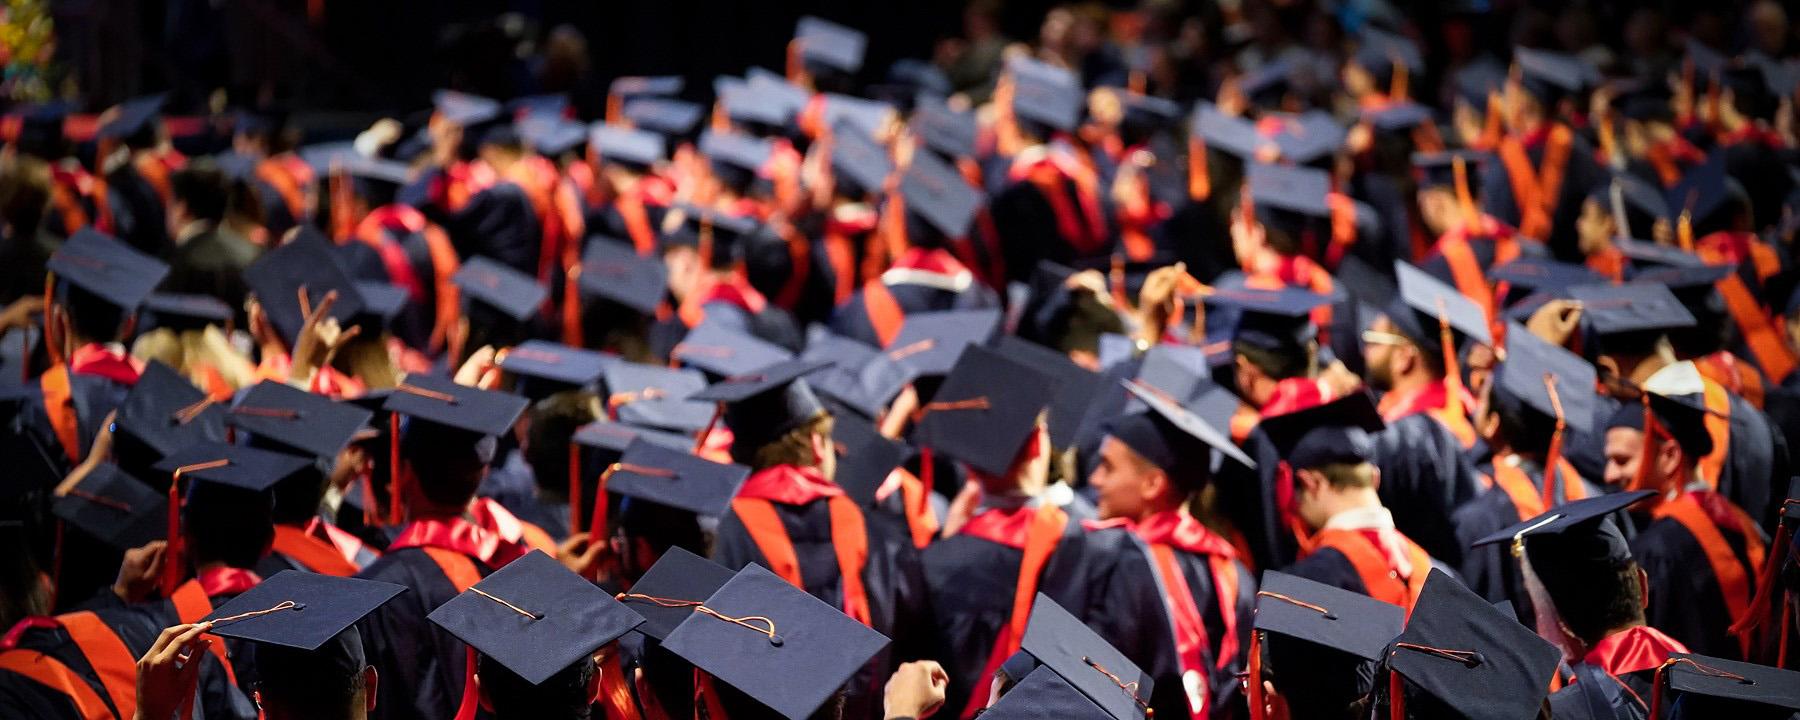 Spring 2019 UIC graduates